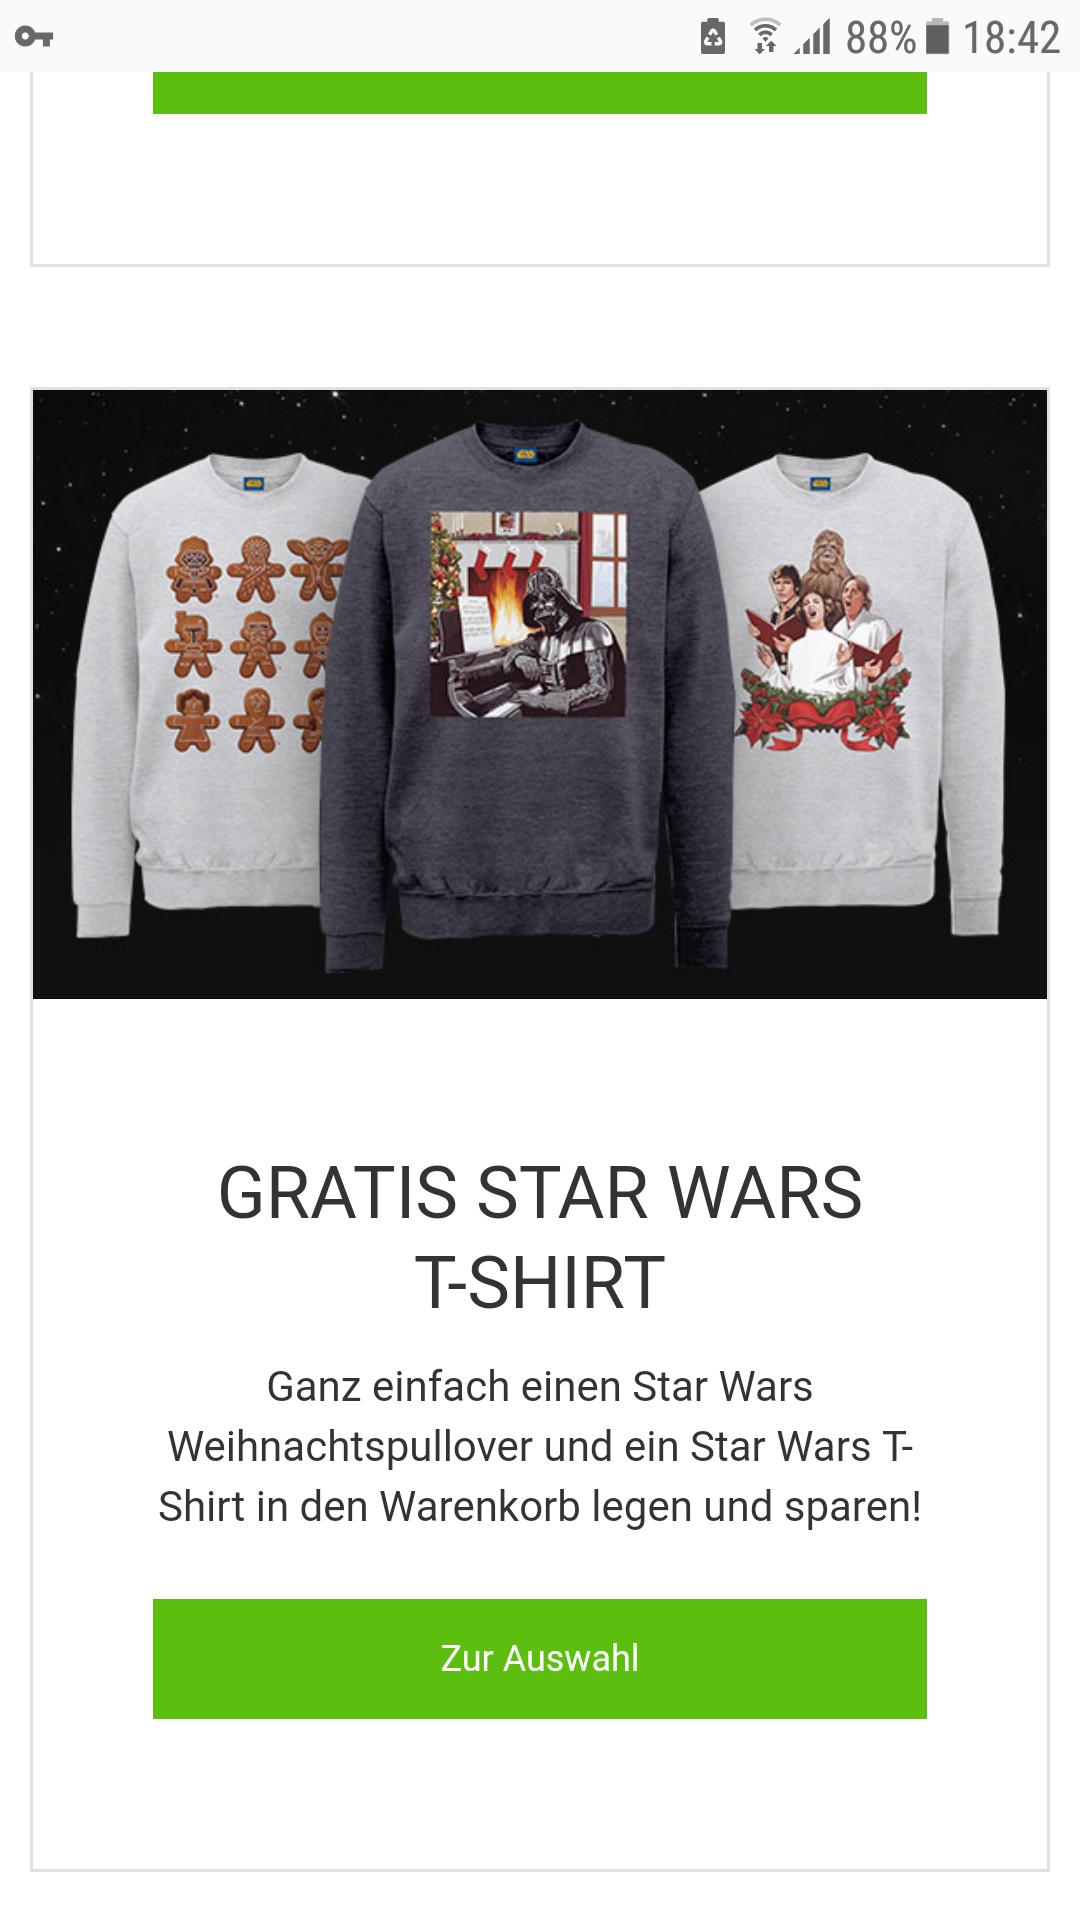 Star wars weinachtspullis mit gratis t-shirt